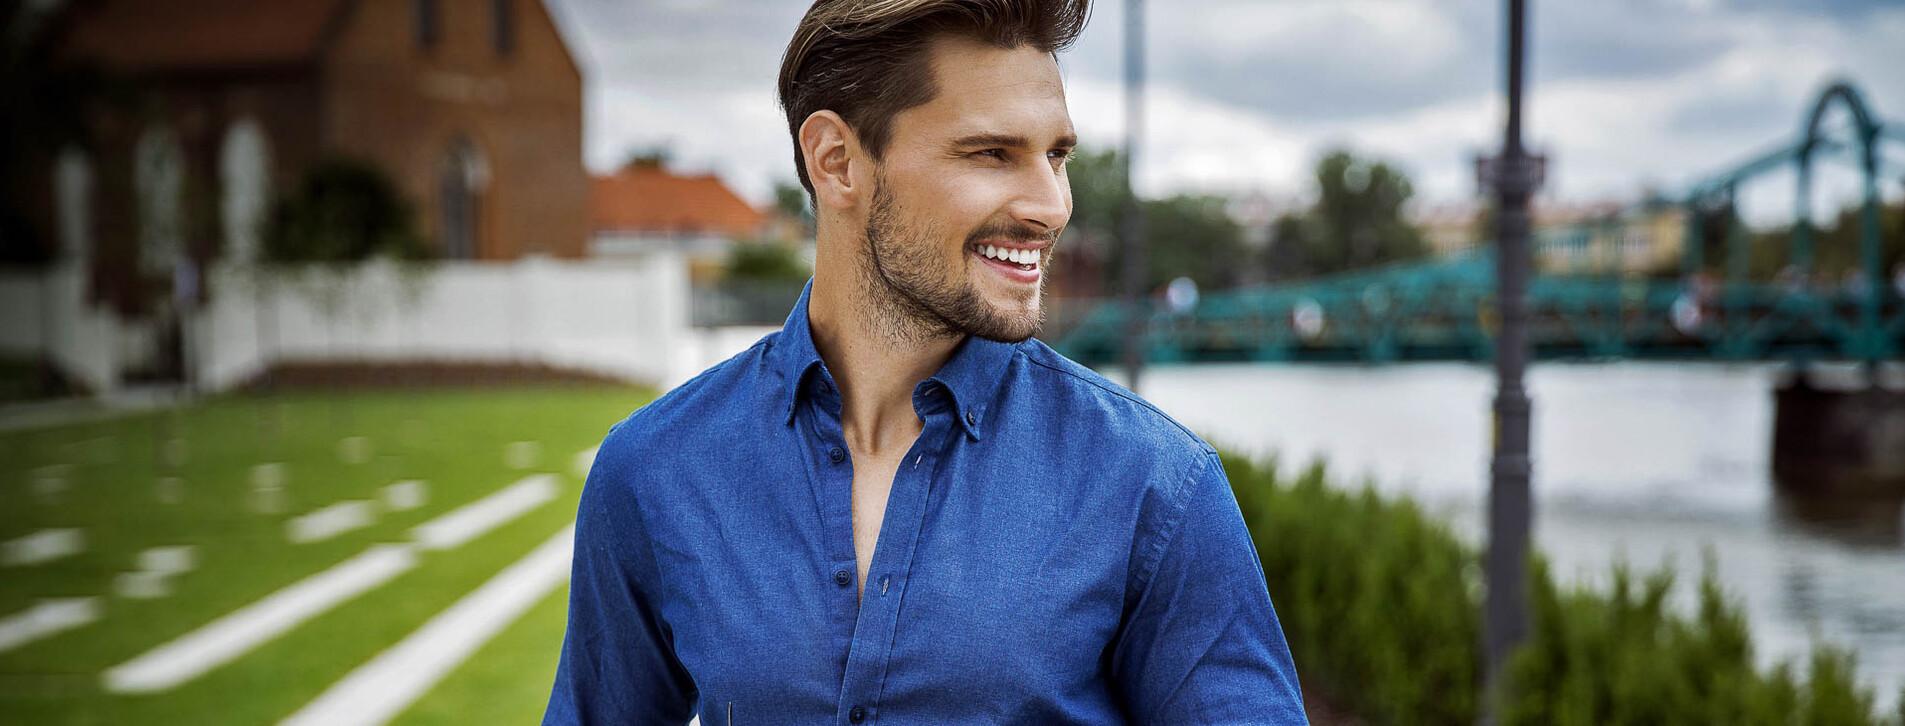 Фото 1 - Индивидуальный пошив мужской рубашки